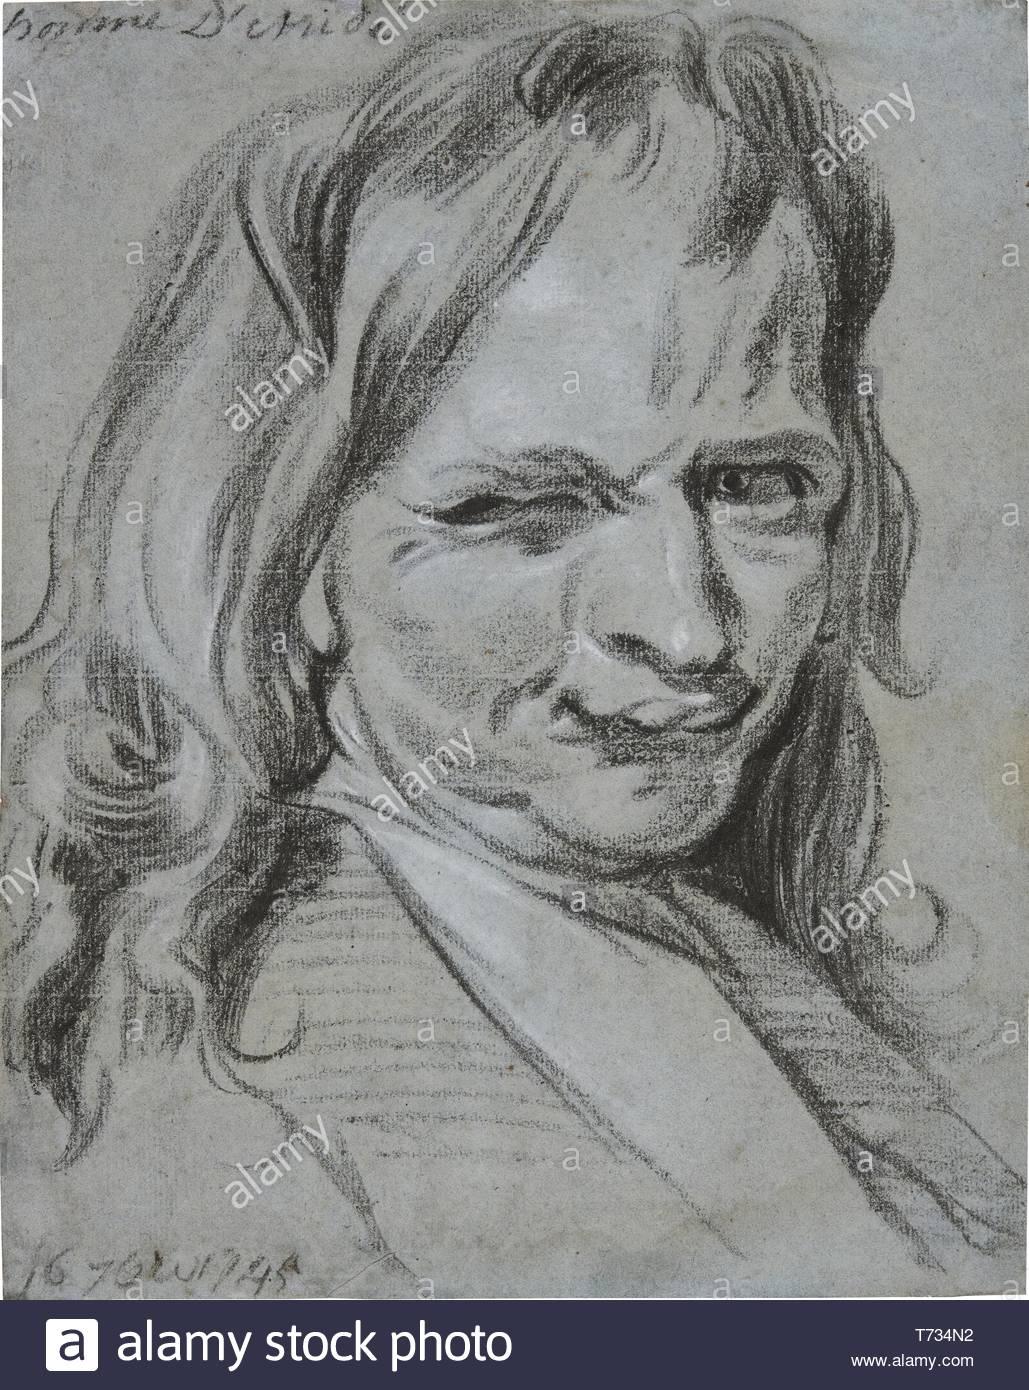 Jan Antoon Garemijn-Head And Shoulders Study Of A Grimacing Man - Stock Image